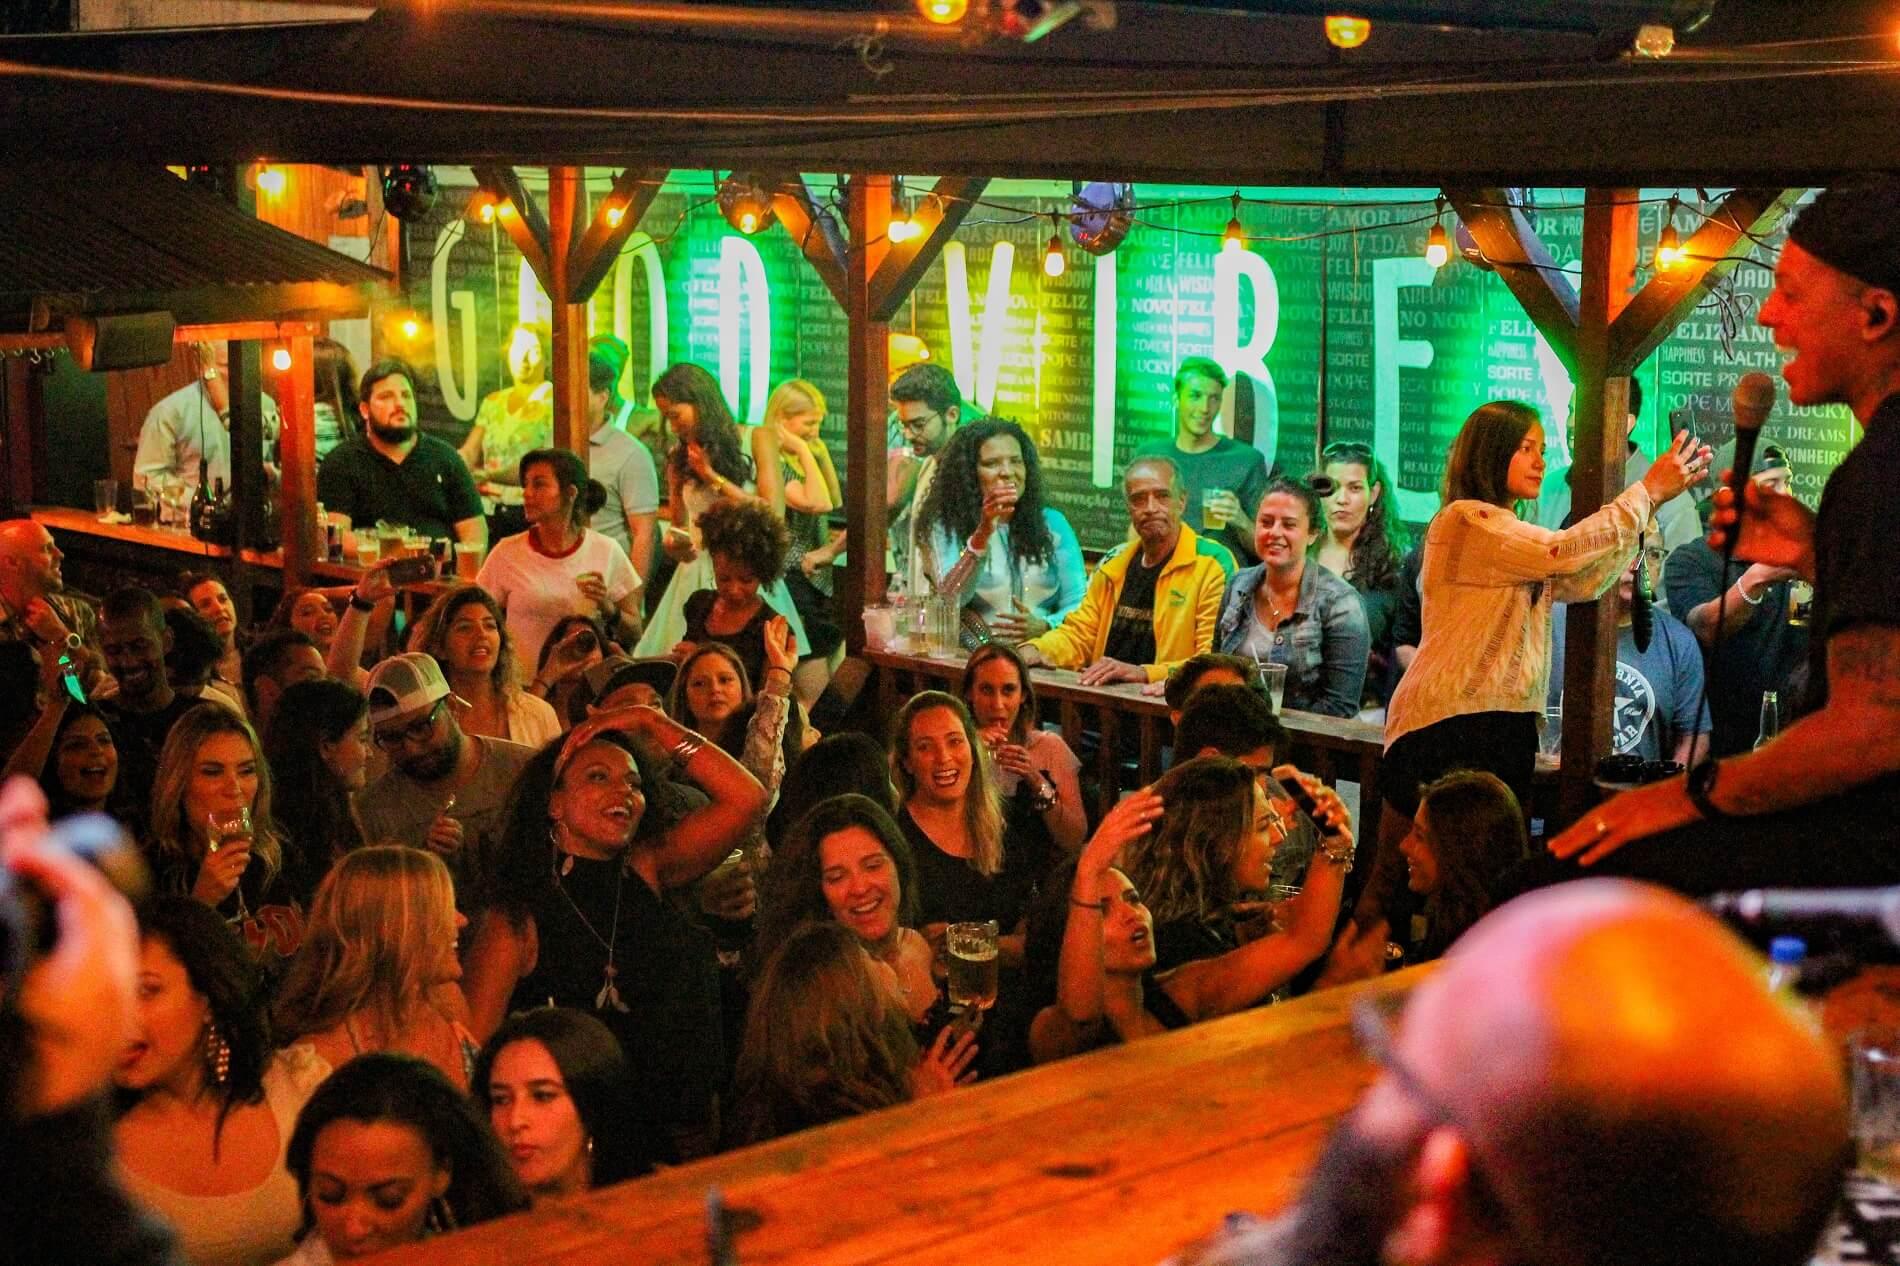 San Diego bar